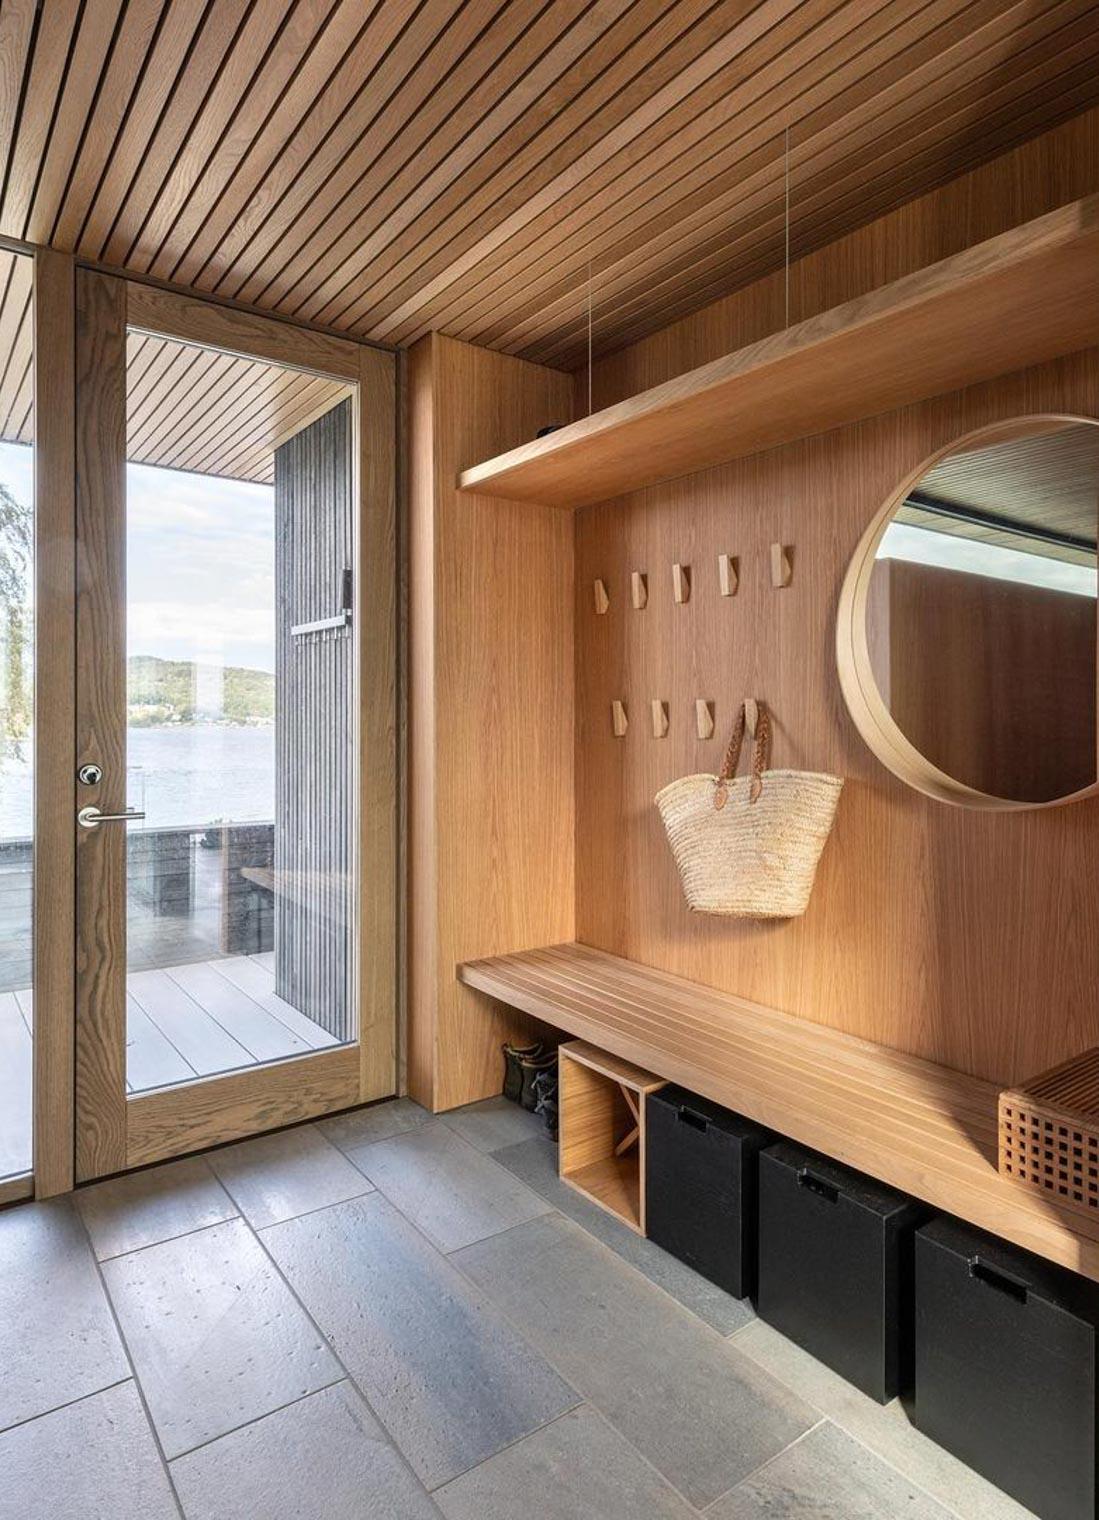 En entre i en moderne hytte med lys Oppdalskifer fliser på gulvet og med møbler i treverk. Designet av arkitekt Tommie Wilhelmsen